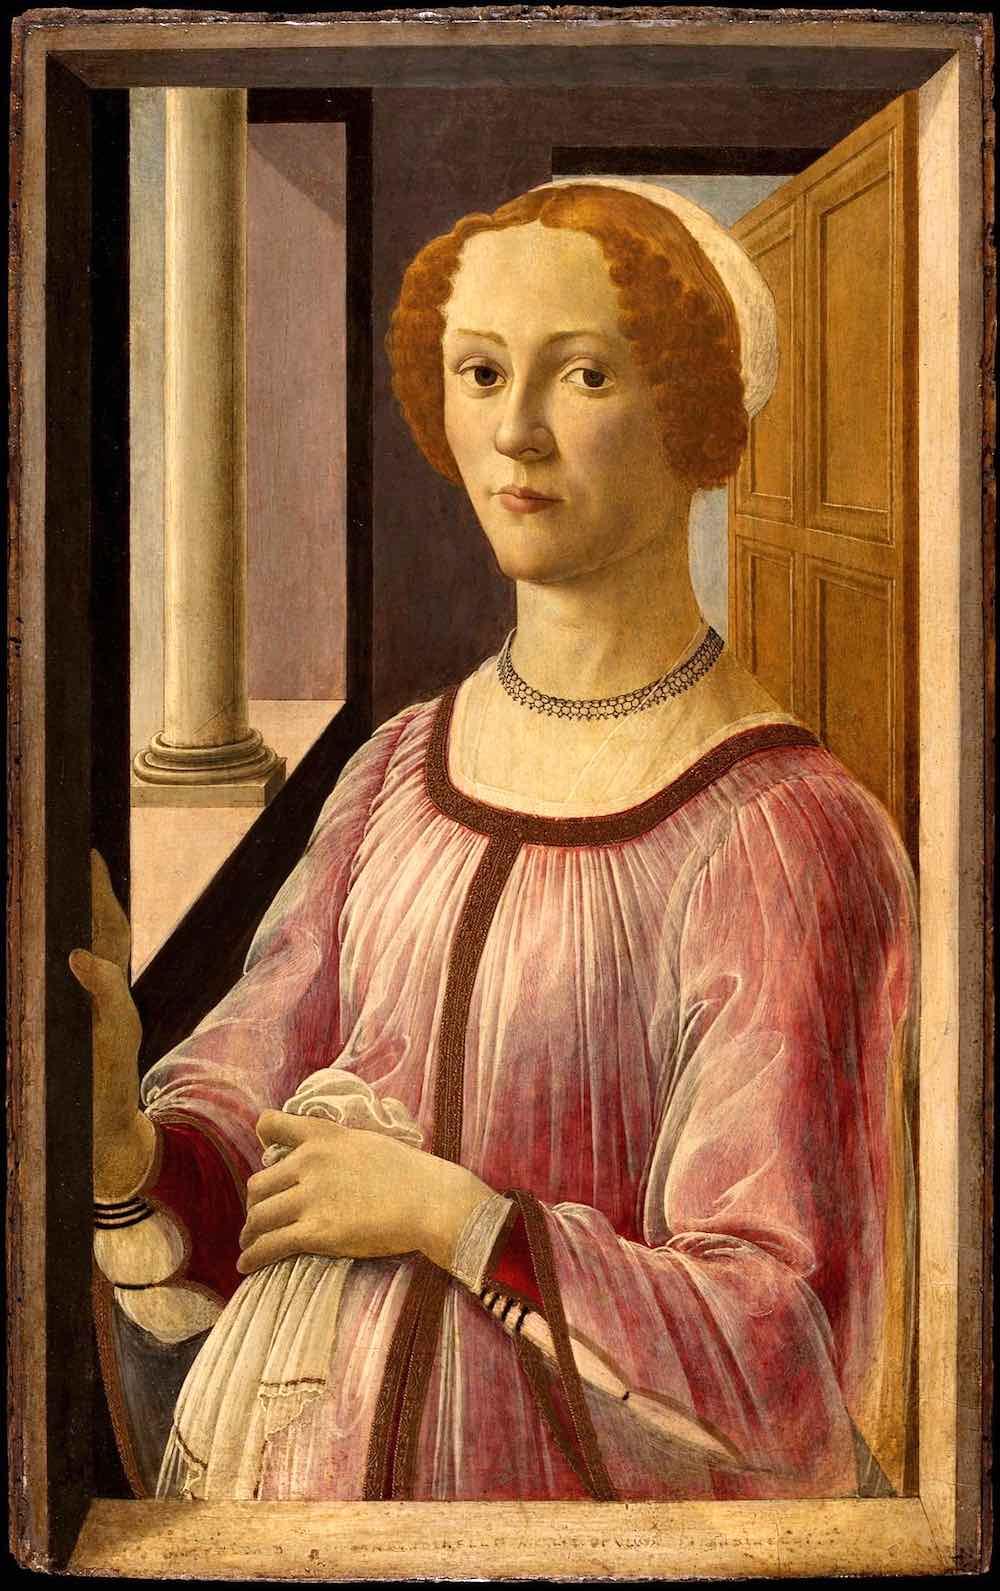 Ritratto di Esmeralda Brandini, opera di Sandro Botticelli